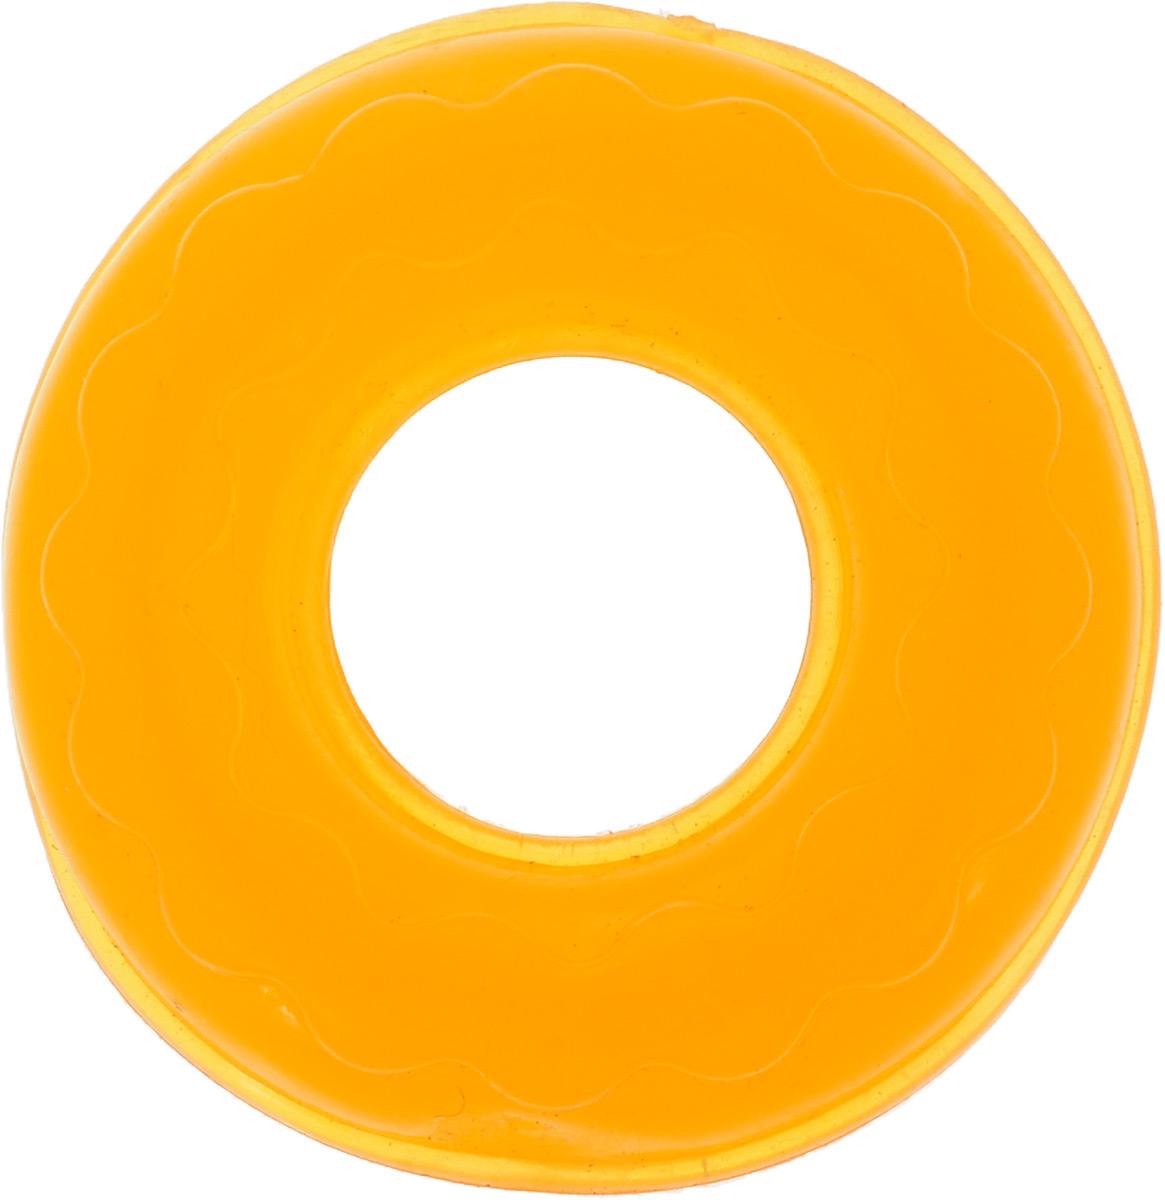 Игрушка для собак Doglike Кольцо Мини, 6,5 х 6,5 х 2 смD11-1110Игрушка Doglike Кольцо Мини служит для массажа десен и очистки зубов от налета и камня, а также снимает нервное напряжение. Игрушка представляет собой резиновое кольцо. Она прочная и может выдержать огромное количество часов игры. Это идеальная замена косточке. Если ваш пес портит мебель, излишне агрессивен, непослушен или страдает излишним весом то, скорее всего, корень всех бед кроется в недостаточной физической и эмоциональной нагрузке. Порадуйте своего питомца прекрасным и качественным подарком.